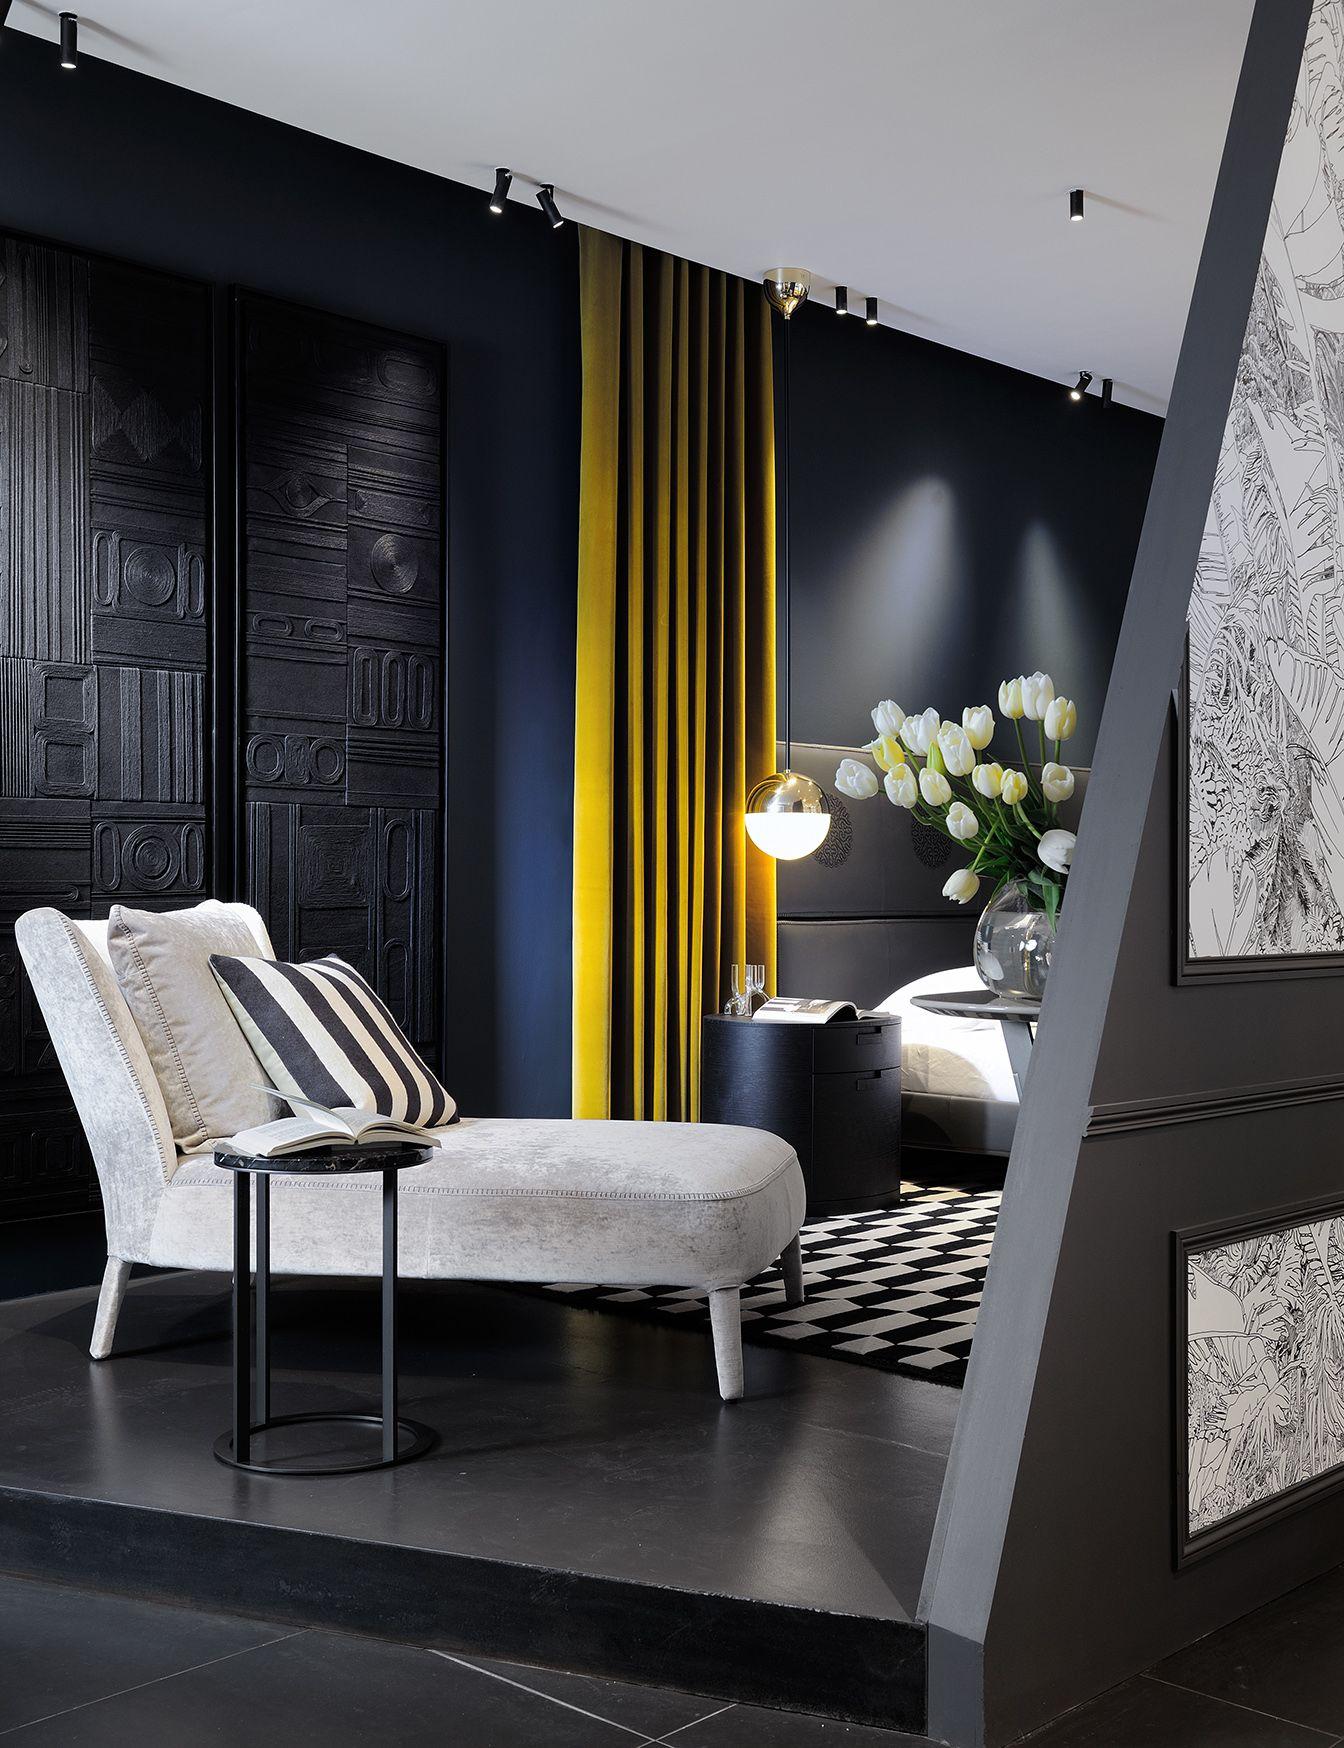 mobilier contemporain lyon maxalto cctapis erick saillet On mobilier contemporain